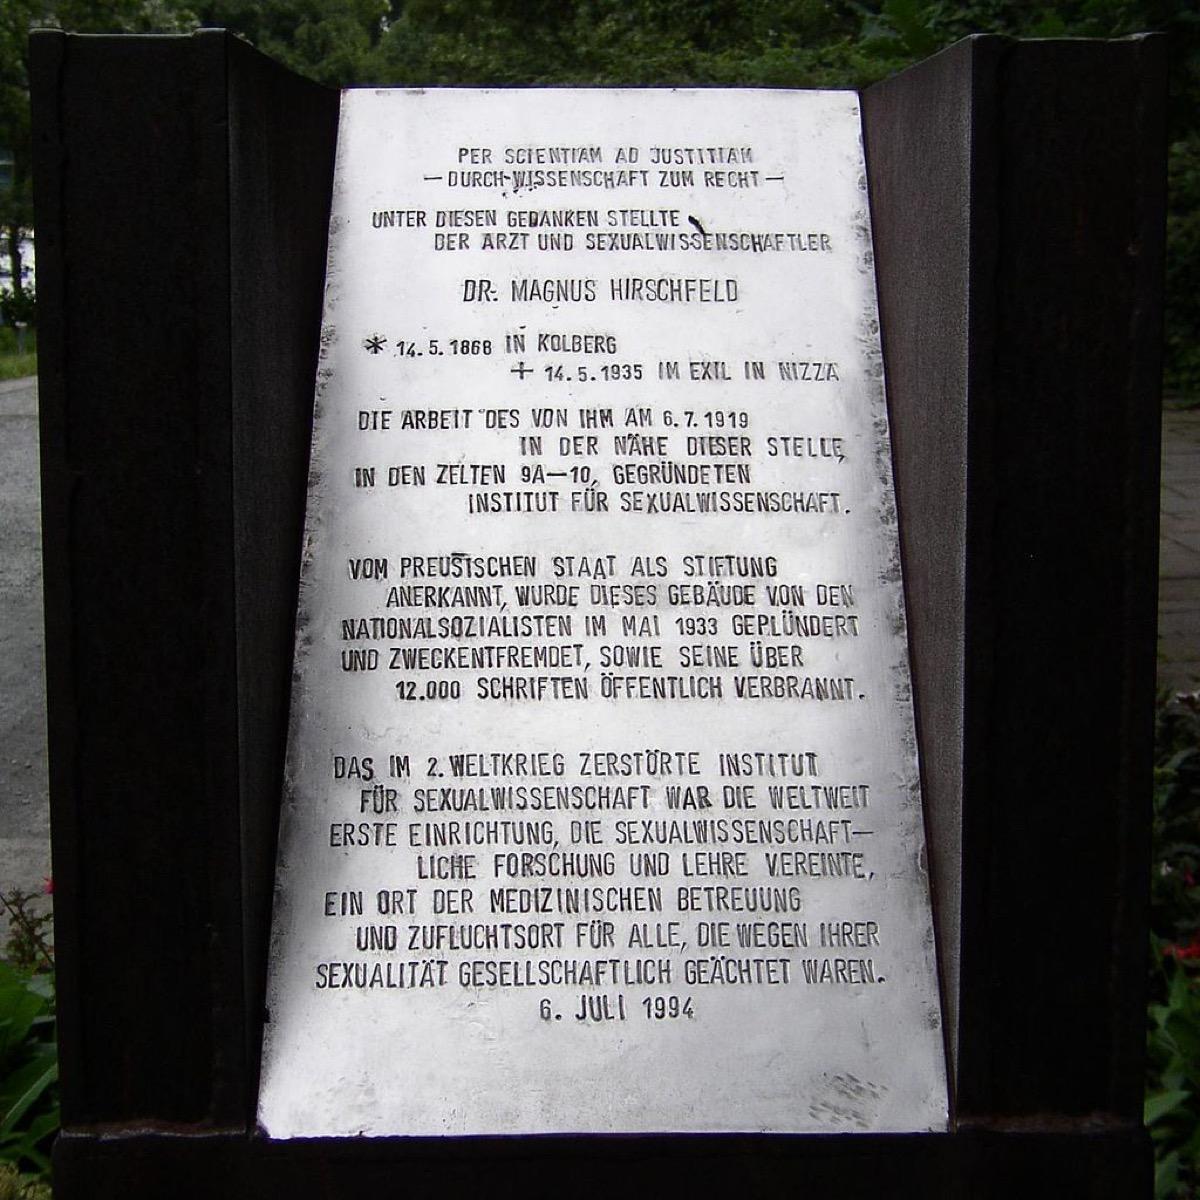 Magnus Hirschfeld plaque in Tiergarten